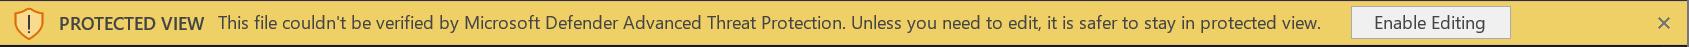 Zrzut ekranu przedstawiający pasek MDATP na pasku firm, jeśli podczas skanowania pliku wystąpił błąd